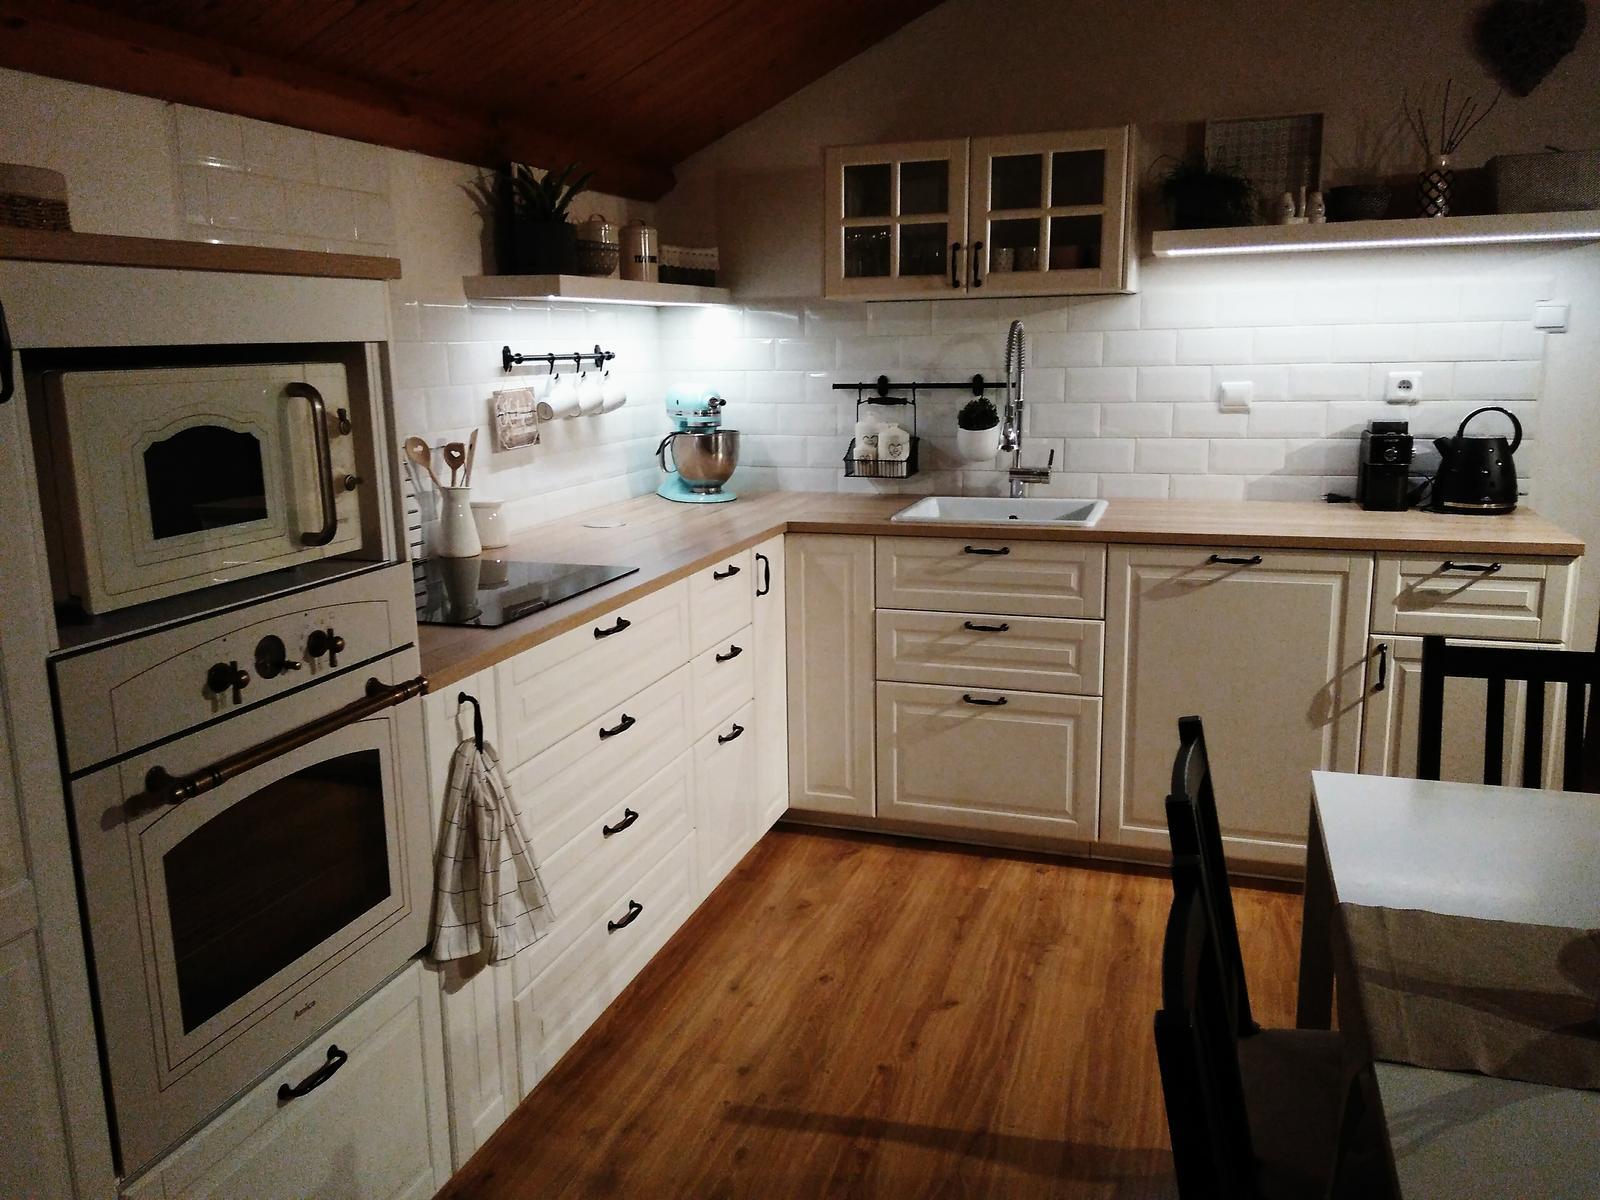 Můj sen,moje kuchyň - Obrázek č. 78